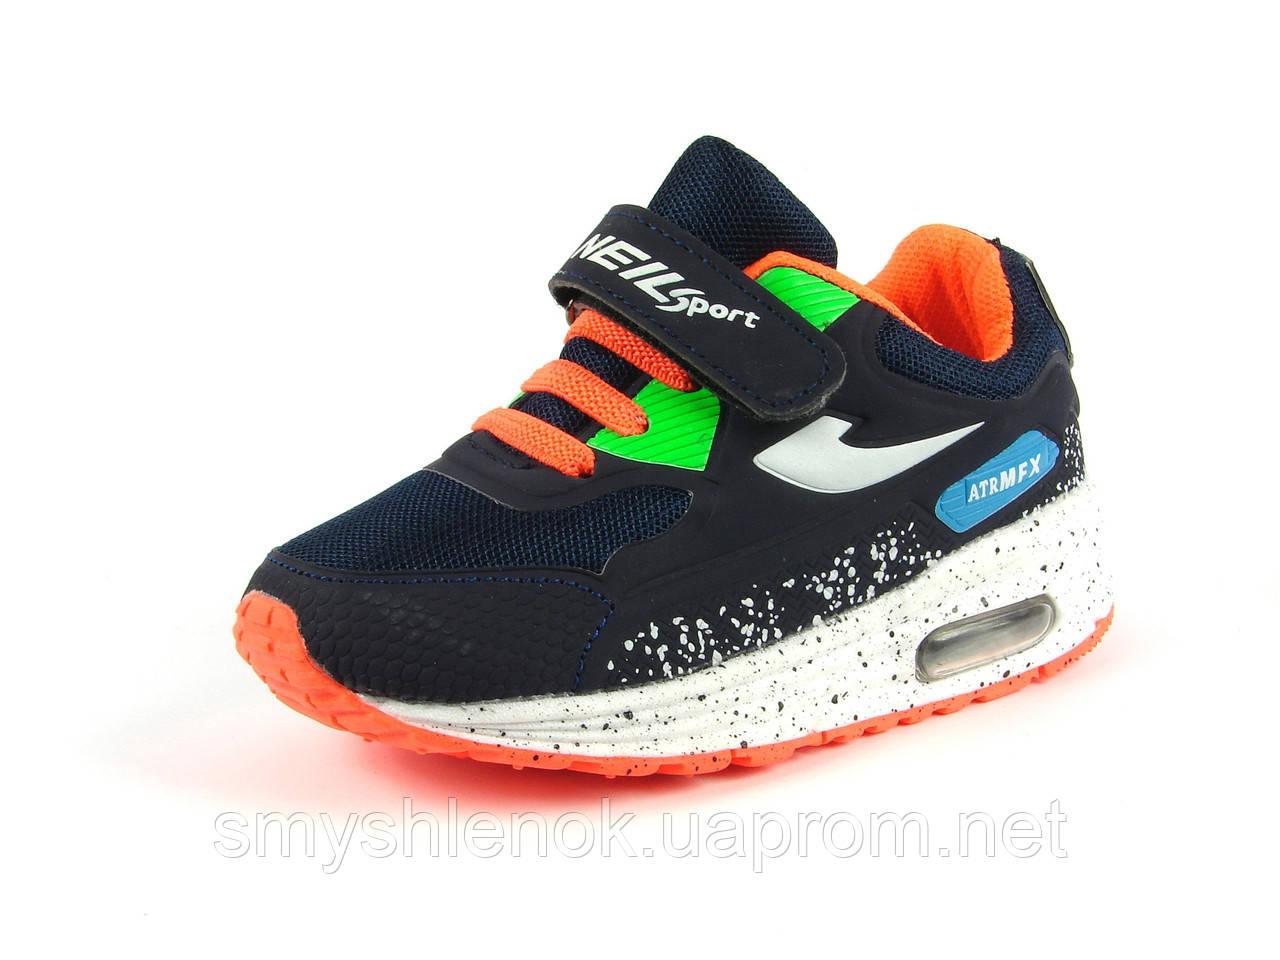 Детские кроссовки J&G с оранжевой подошвой для мальчика